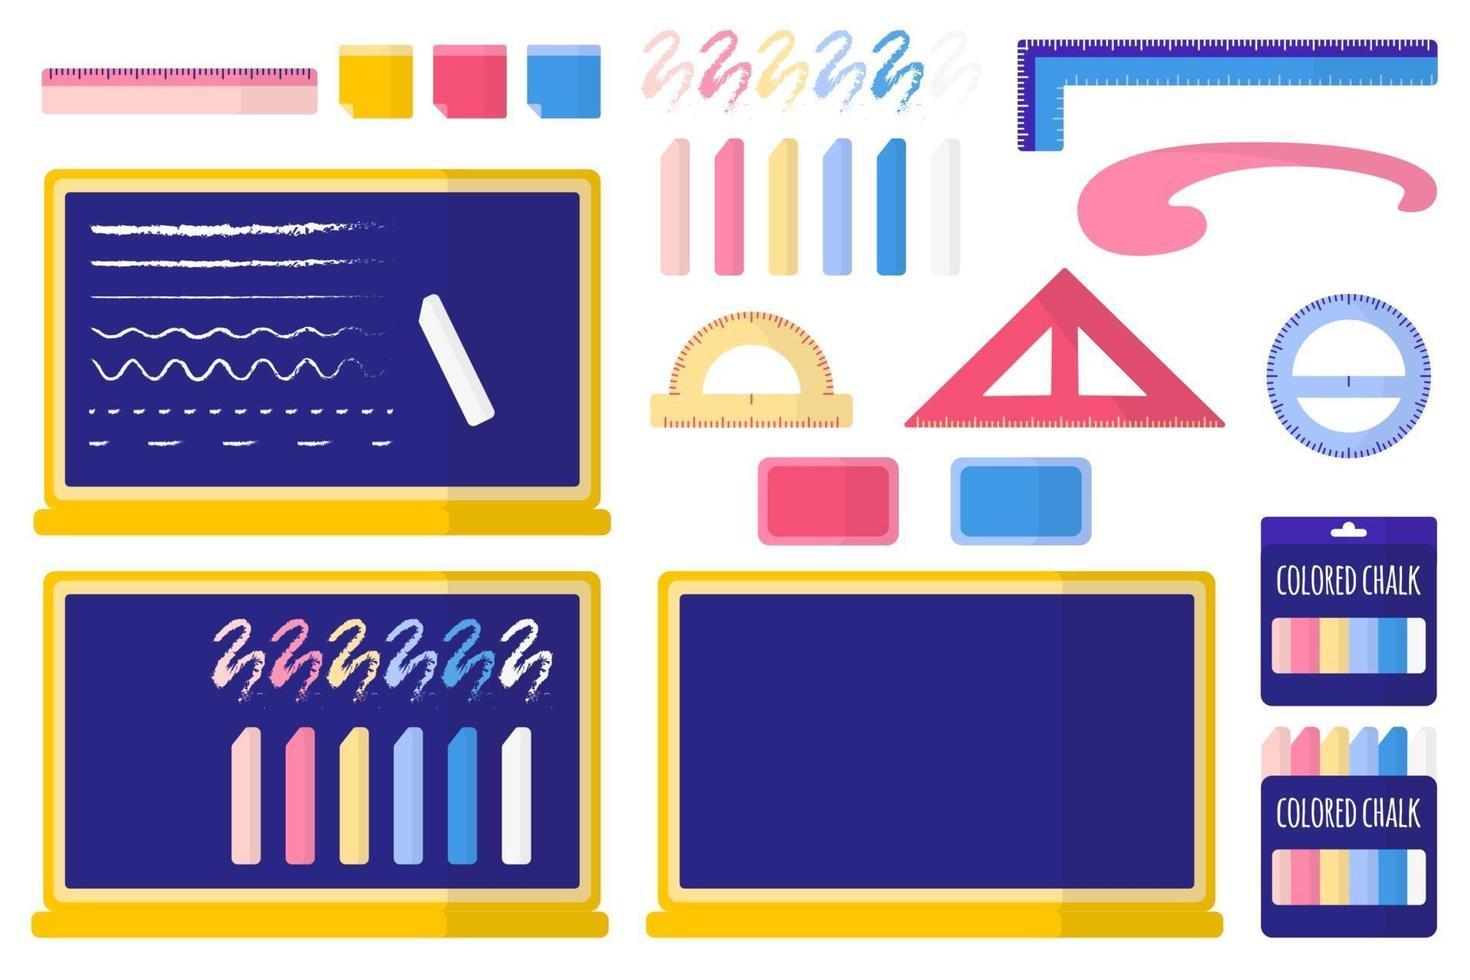 set van cartoon vectorillustraties met schoolbord, gekleurd krijt, spons, stickers, linialen op witte achtergrond. vector